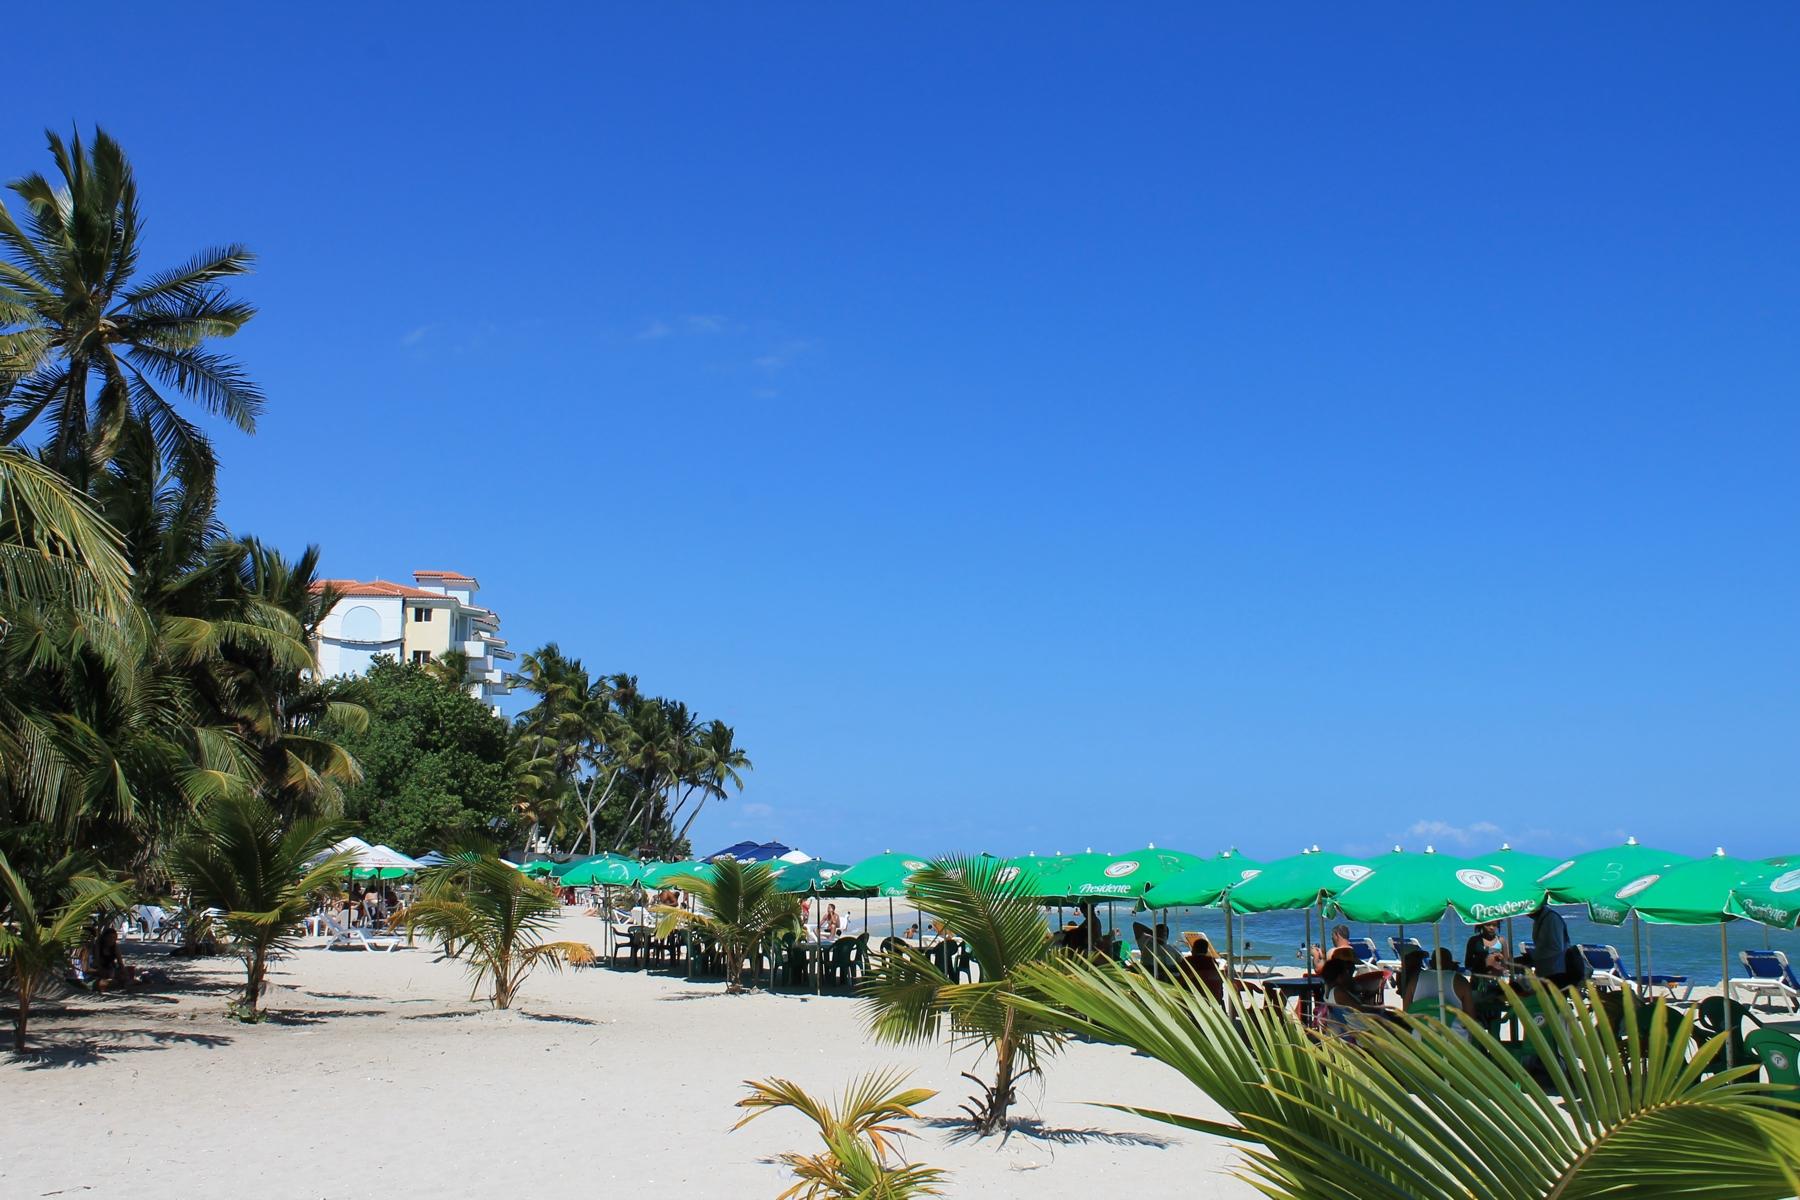 File:Juan Dolio Beach 1.jpg - Wikimedia Commons